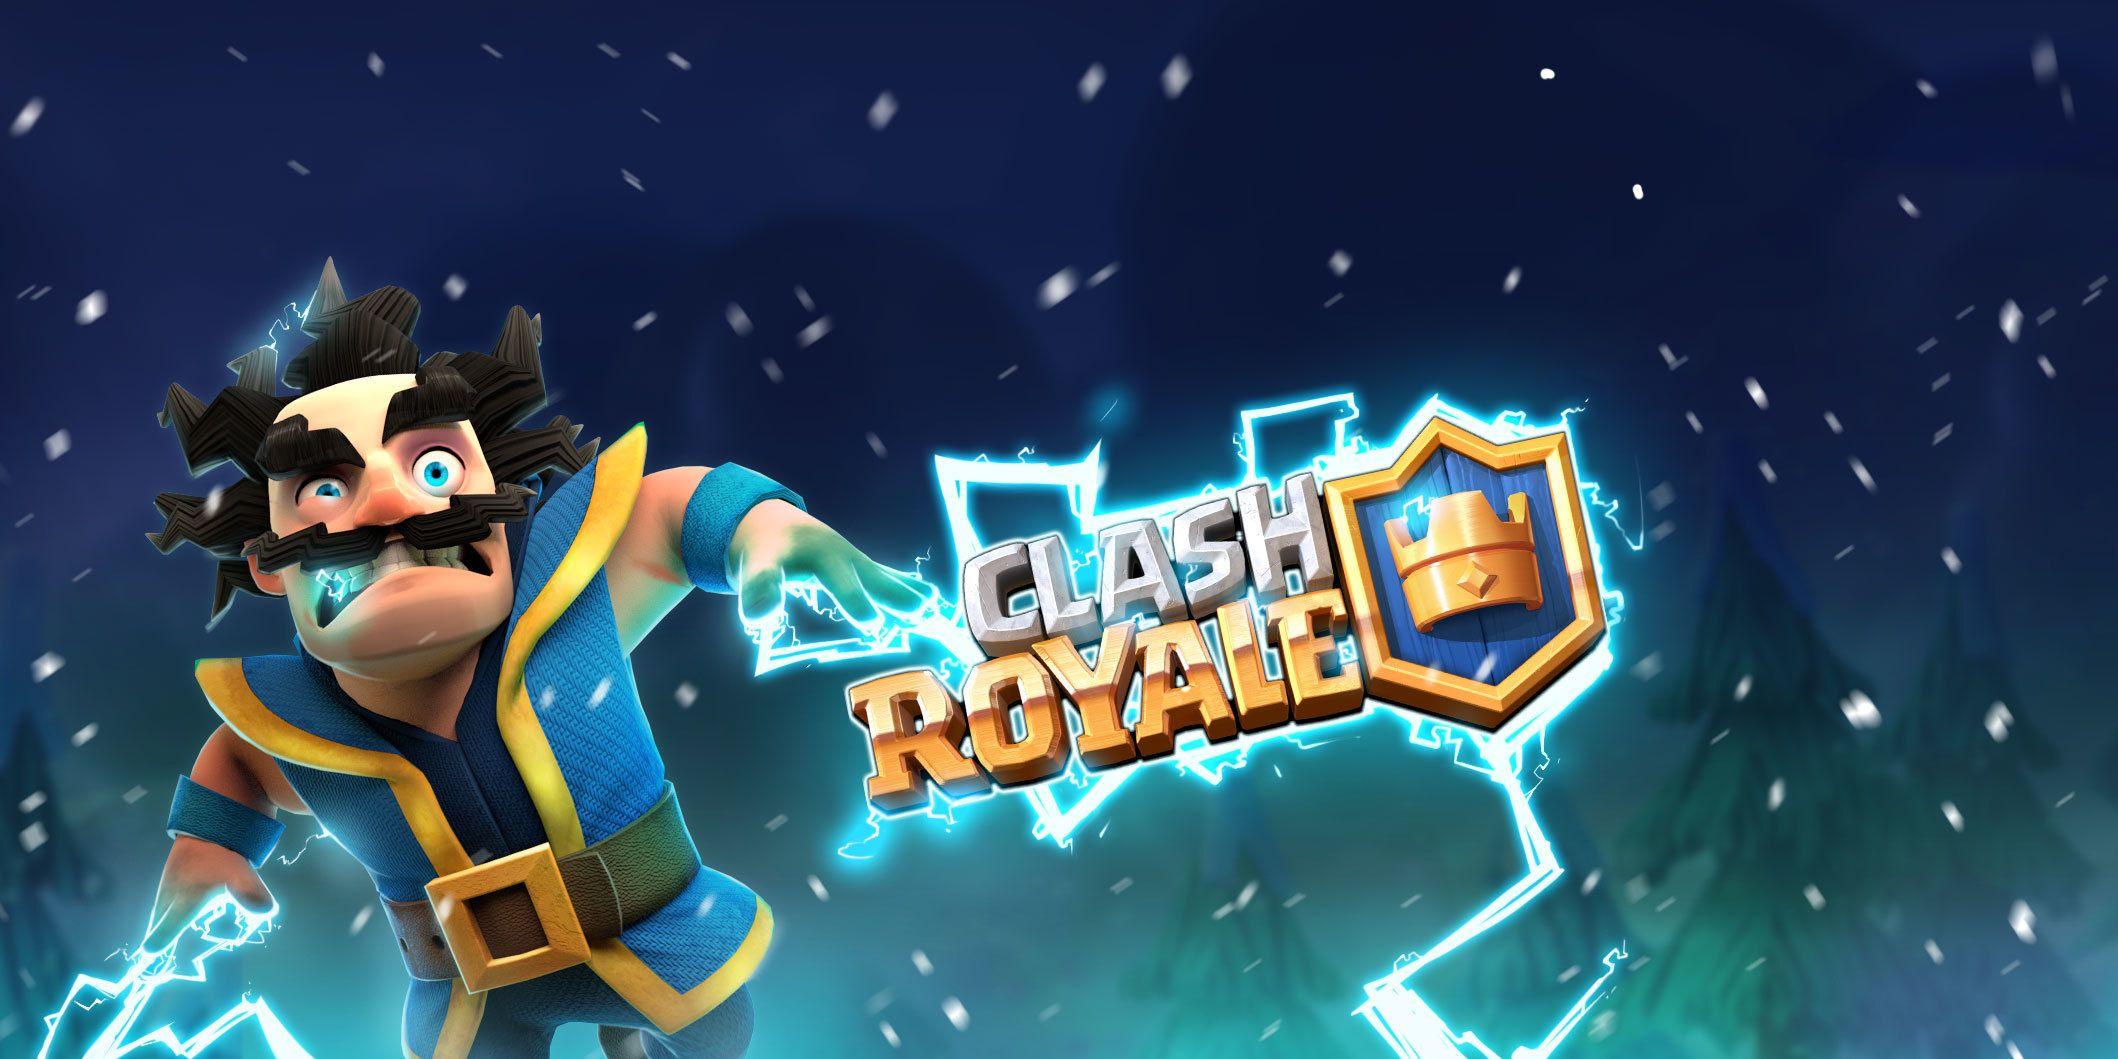 ویژگی های الکترو ویزارد در بازی کلش رویال clash royale